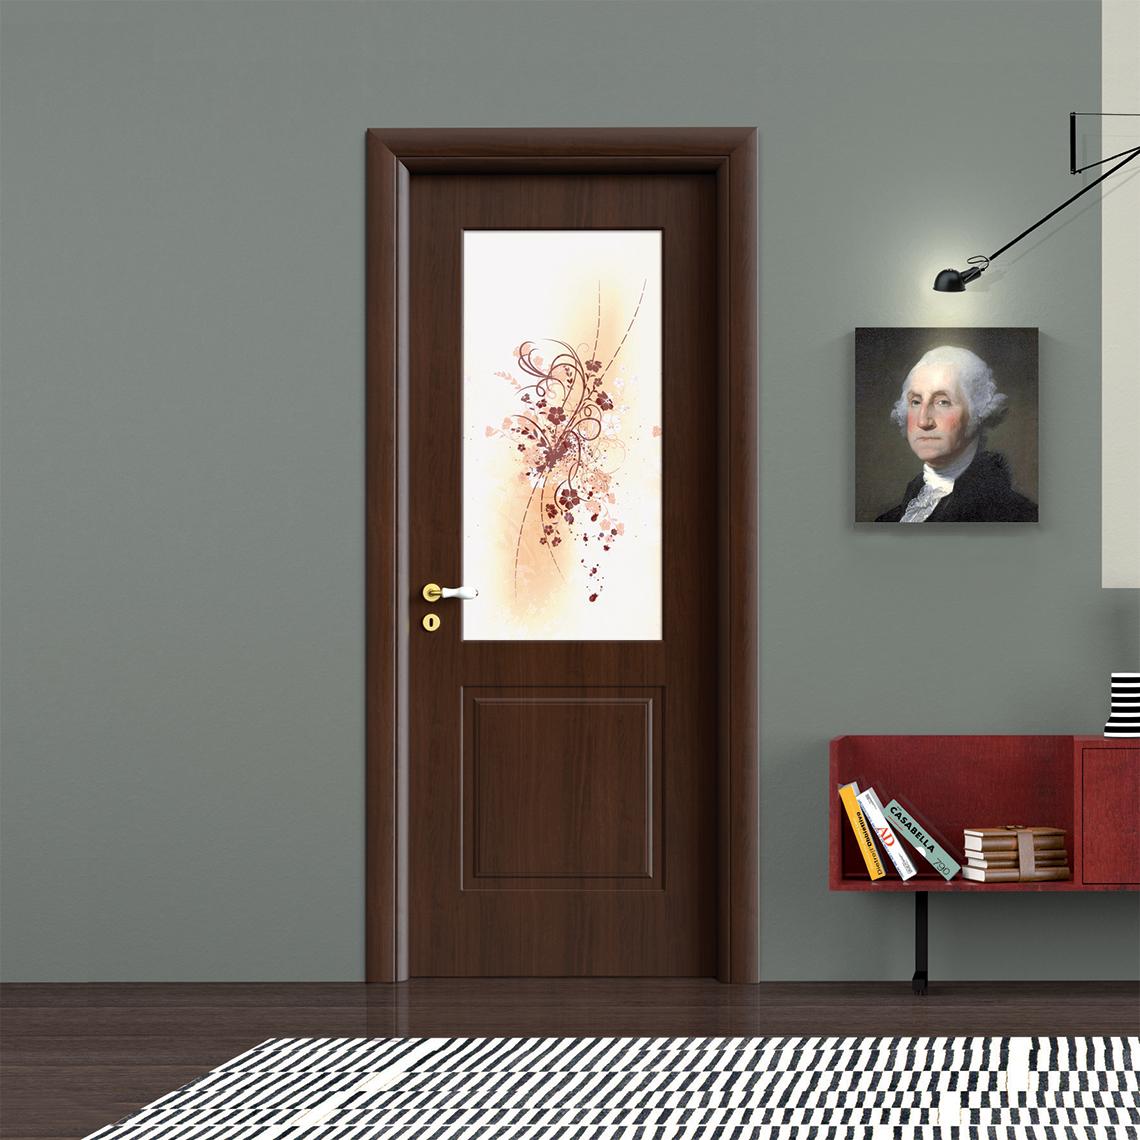 Vetri Per Porte Interne Classiche.Porte Interne Classiche Con Vetro Cool Tendenze Arredamento